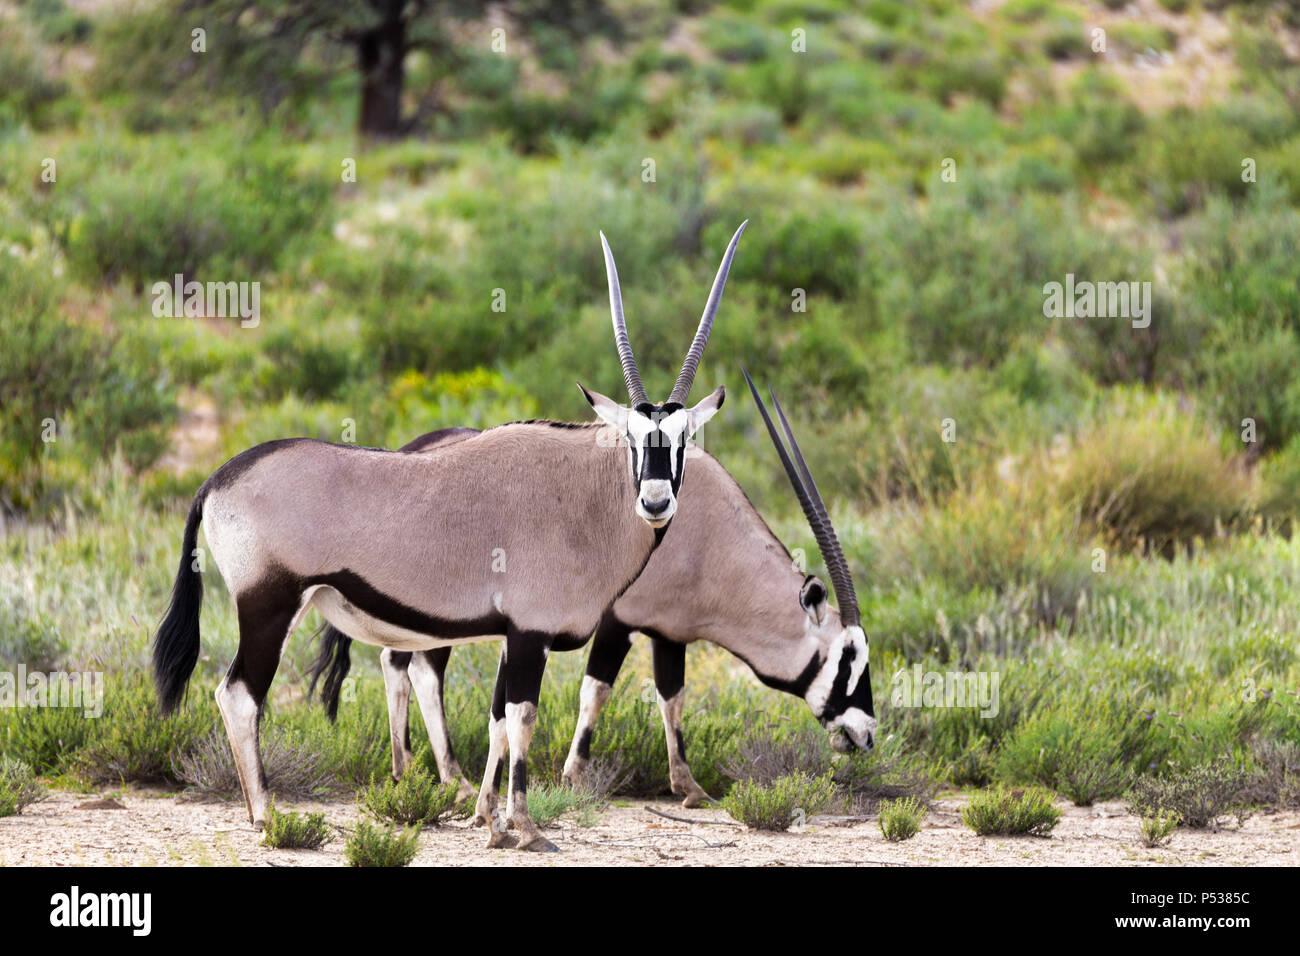 Gemsbok, Oryx gazella en el Kalahari, el desierto verde después de la temporada de lluvia. El Parque Transfronterizo Kgalagadi, Sudáfrica safari Foto de stock